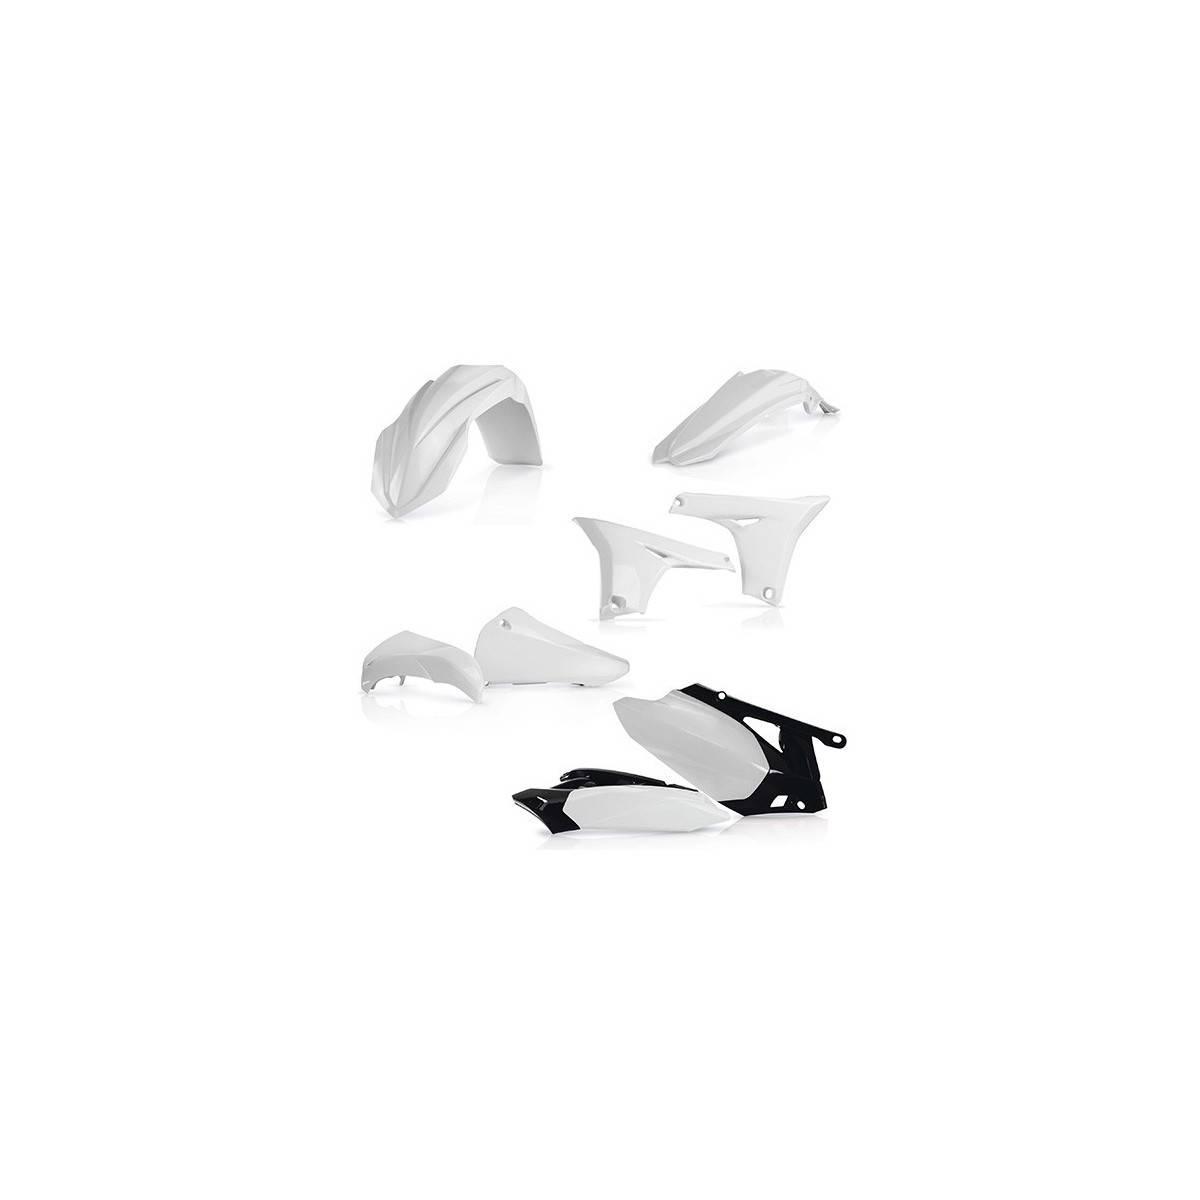 0013774-030 - Kit Plasticos Yzf 450 10 13 Blanco